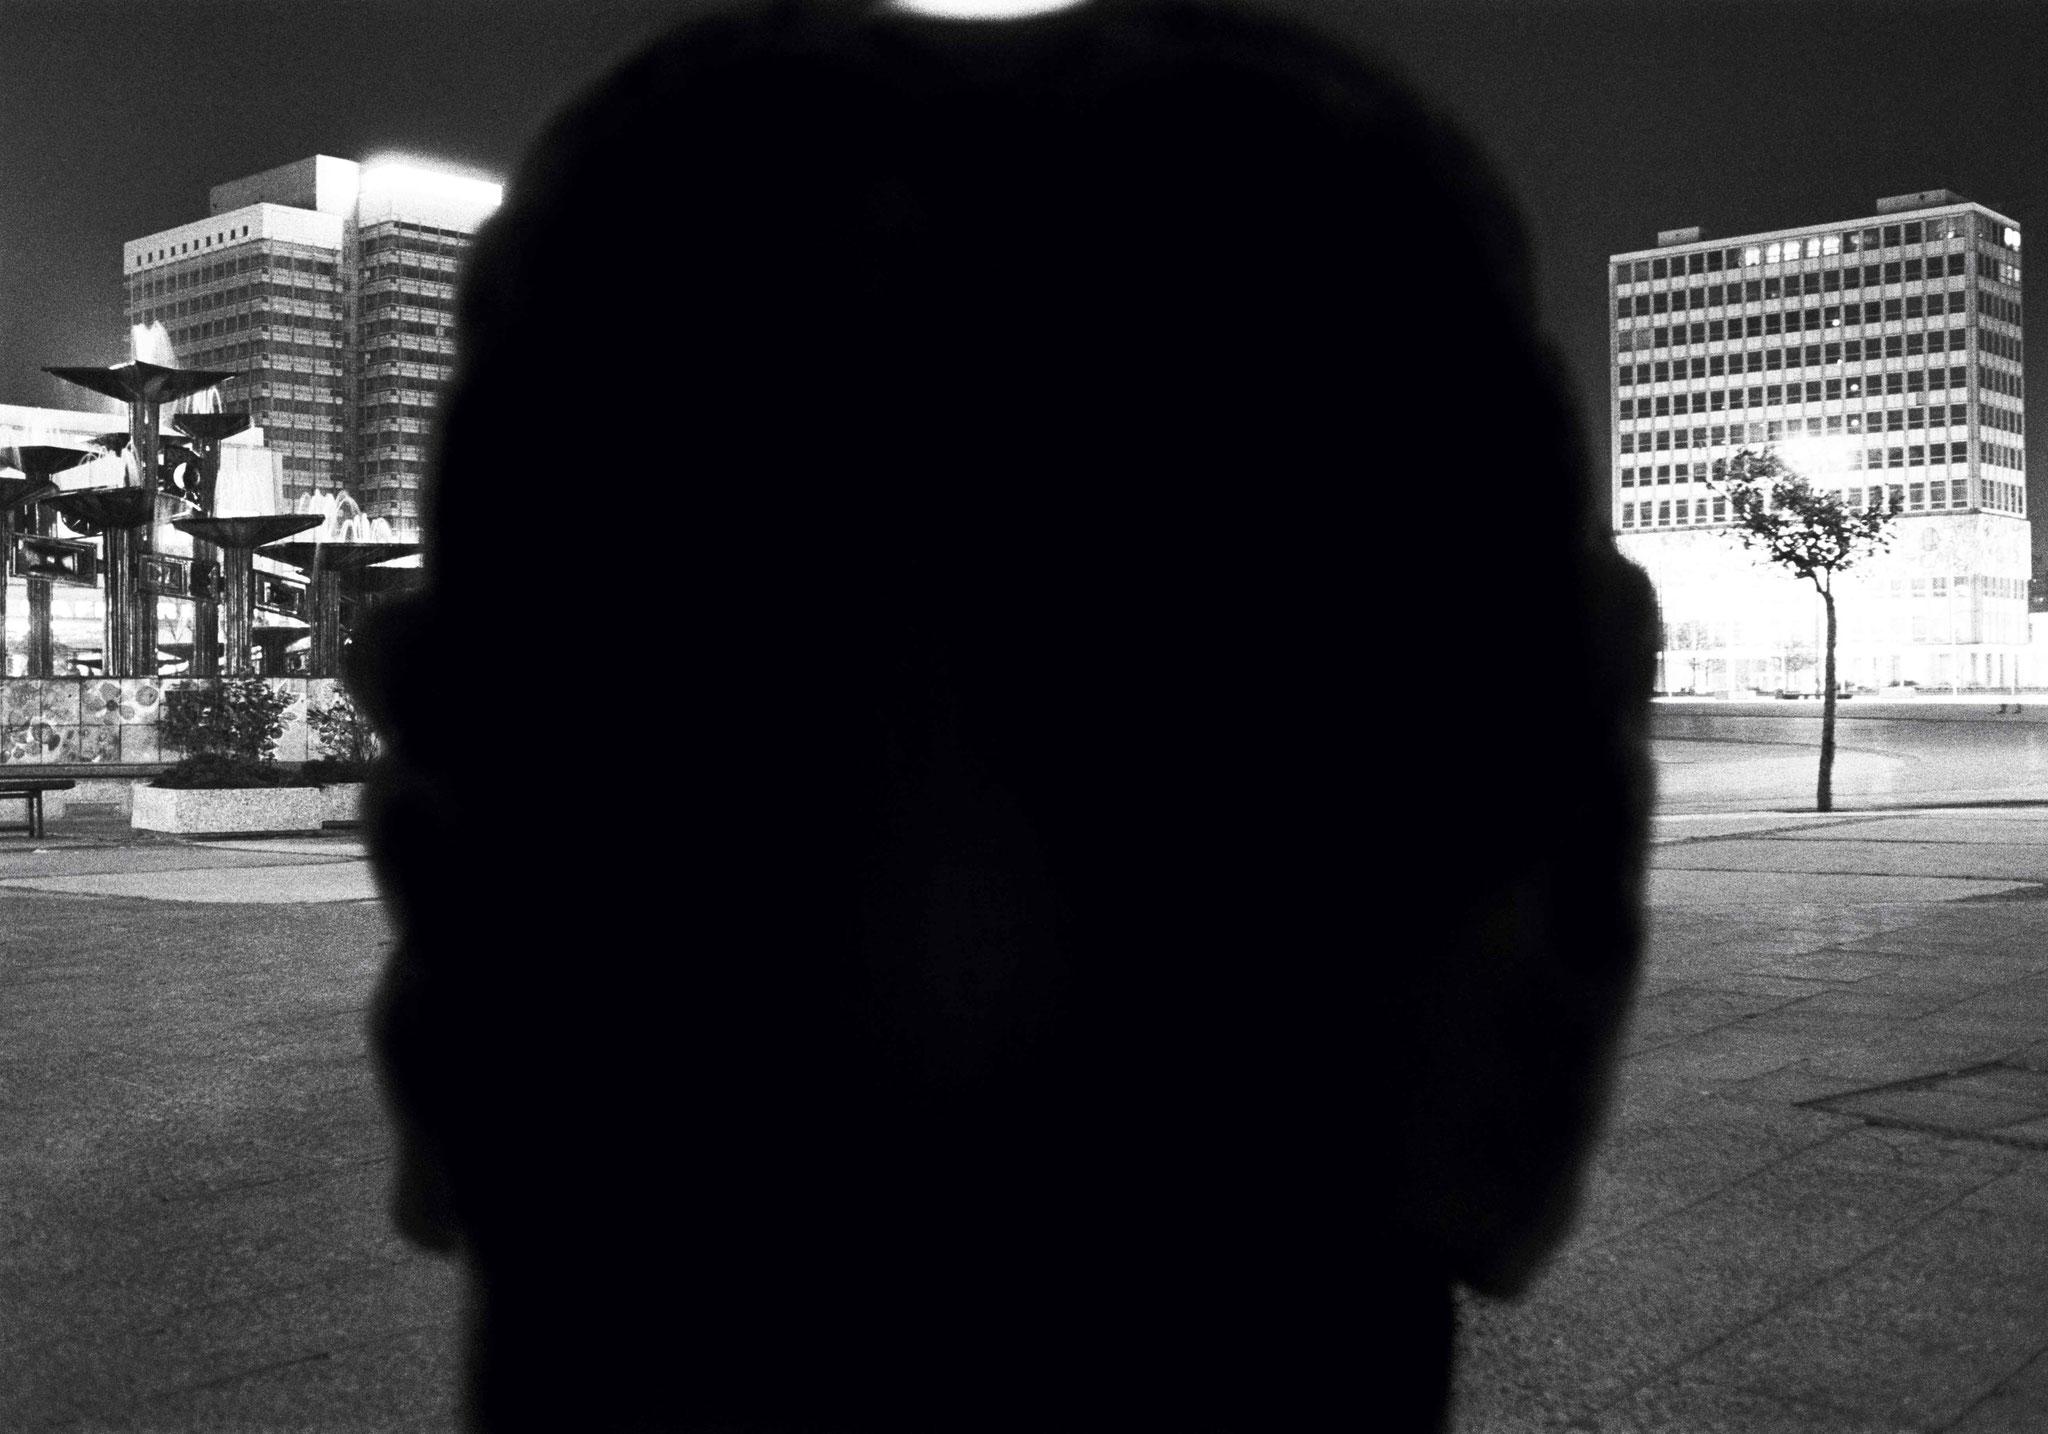 Kurt Buchwald - Nacht 2 Alexanderplatz, Berlin Mantelbilder 1986 26,3 x 38 cm